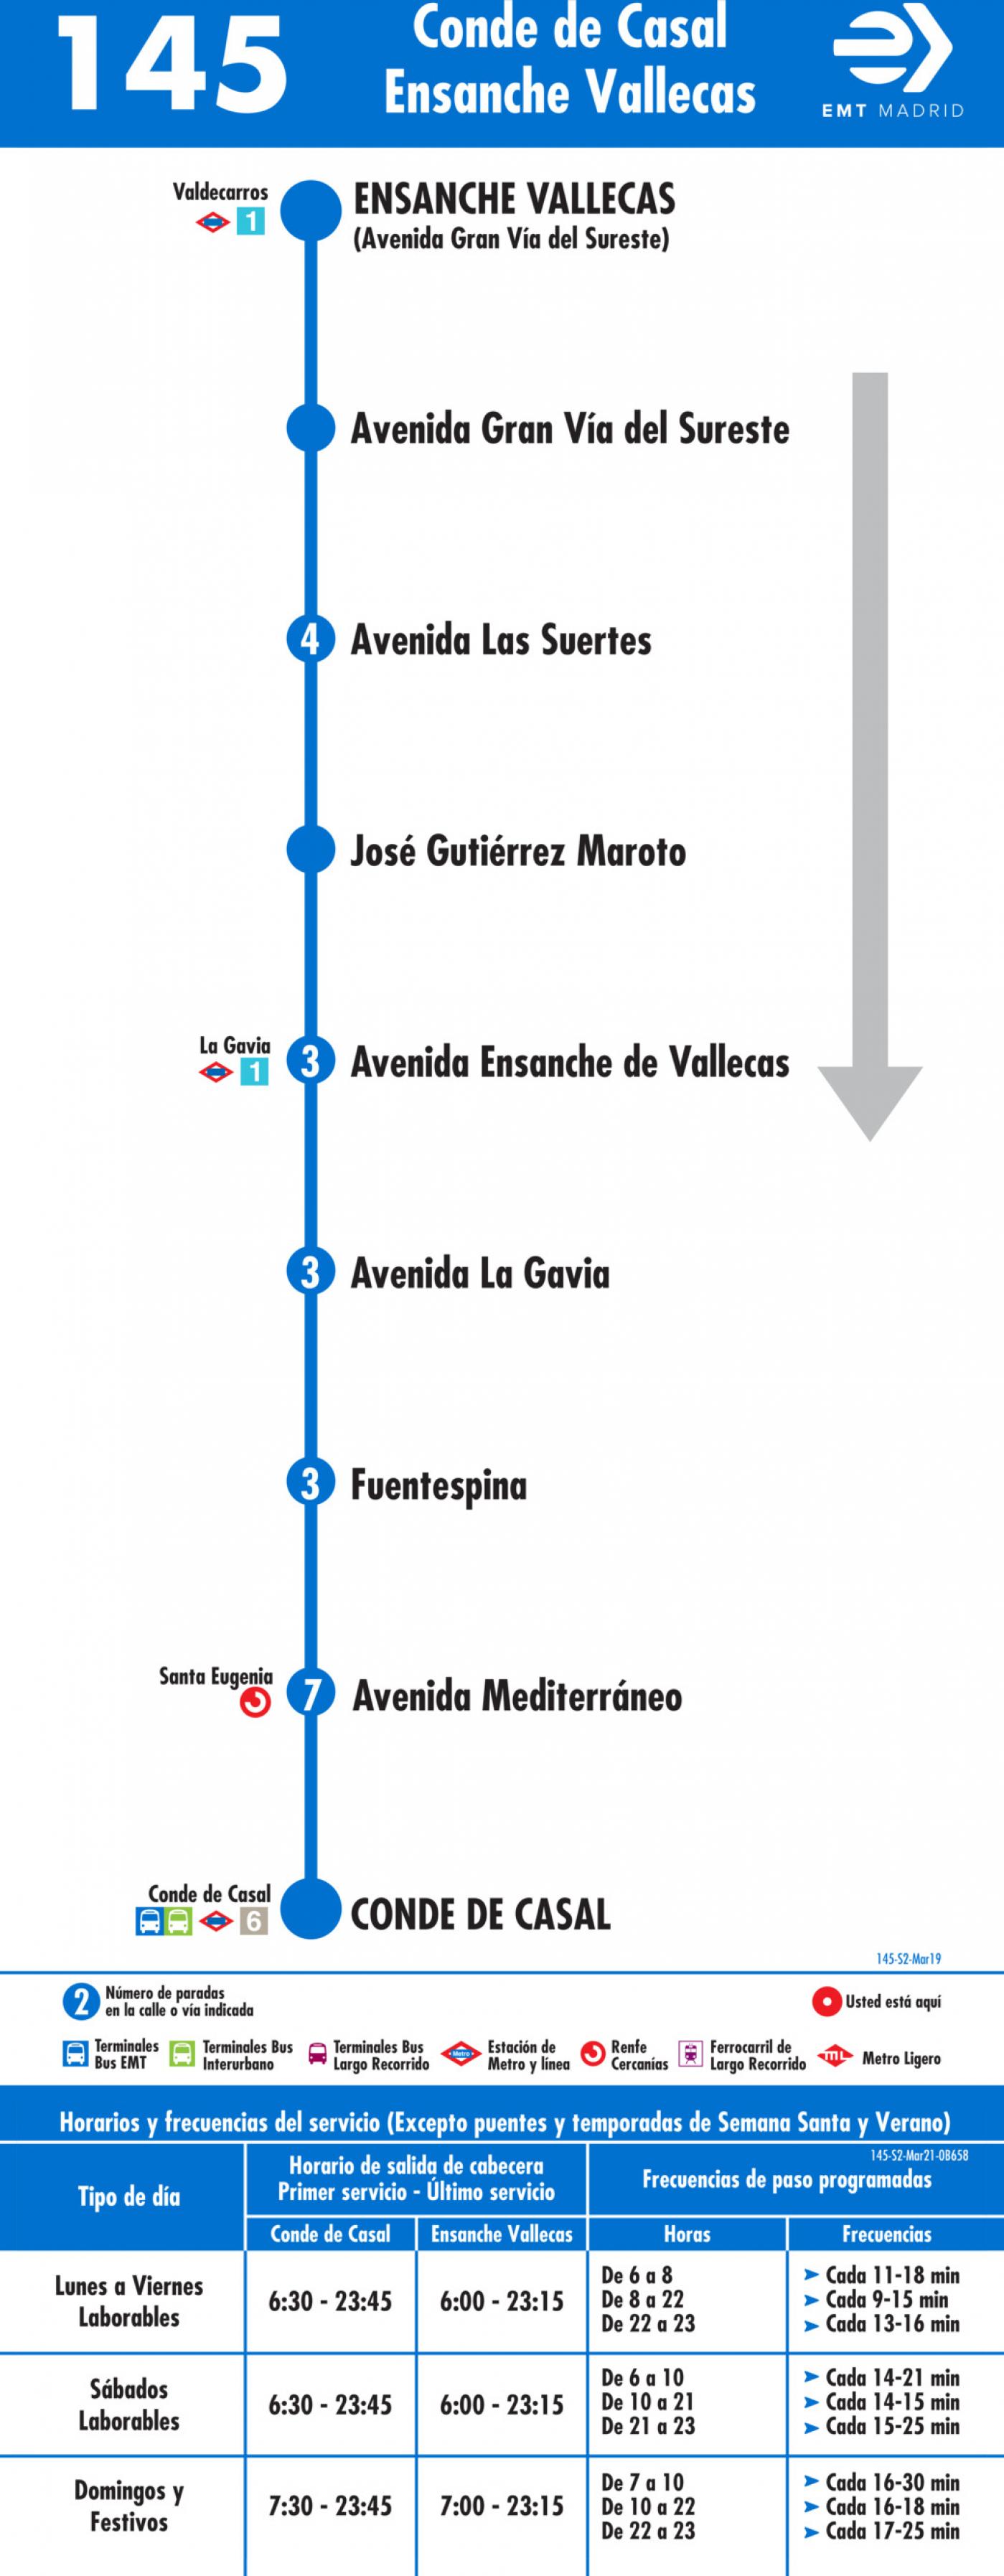 Tabla de horarios y frecuencias de paso en sentido vuelta Línea 145: Plaza del Conde de Casal - Ensanche de Vallecas